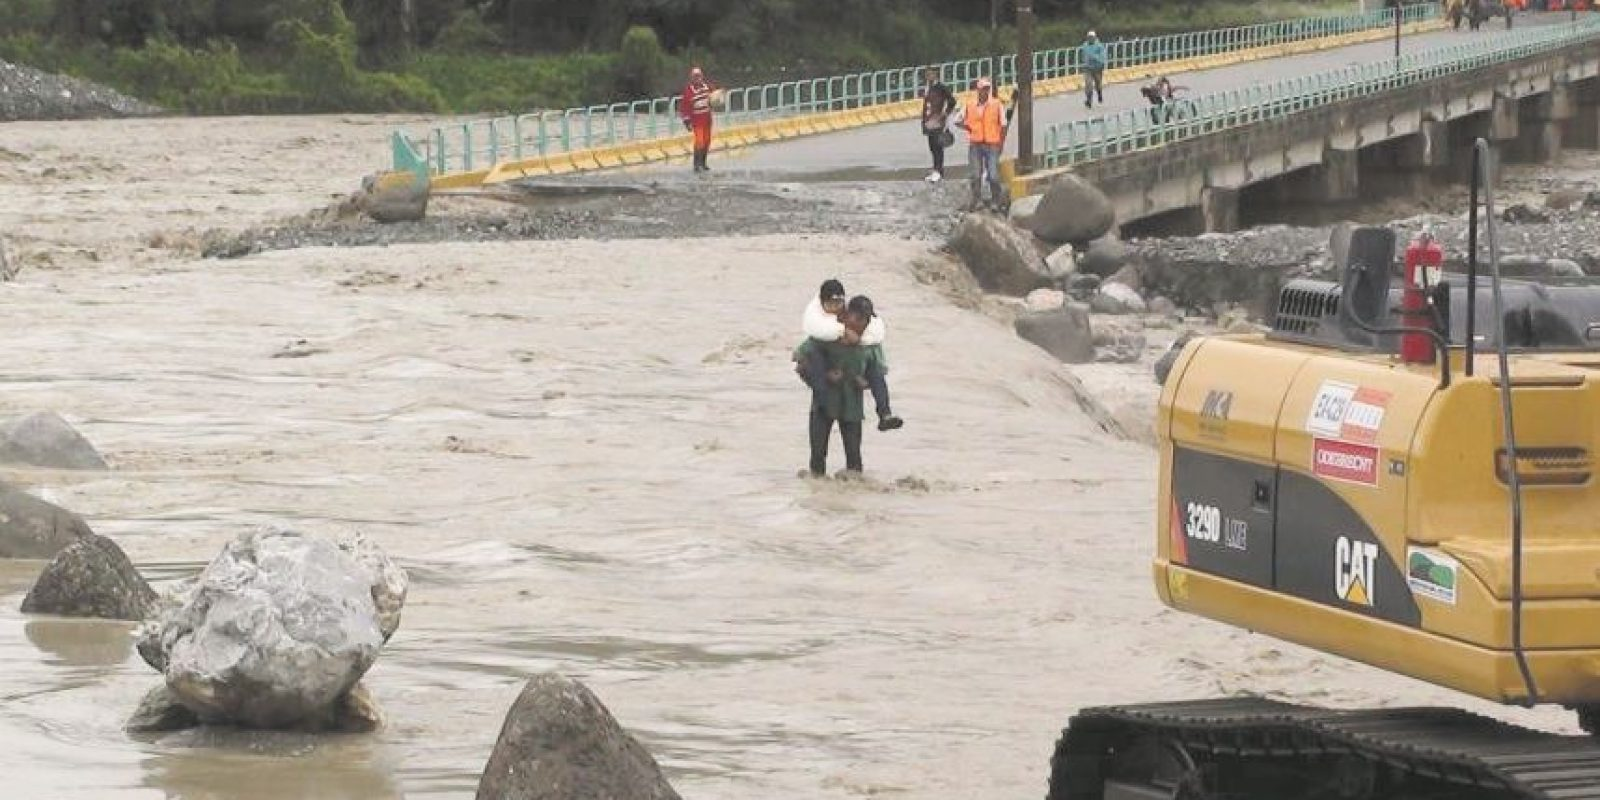 Los ciclones tropicales son uno de los fenómenos que más desastres causan en el país. Foto:Fuente externa